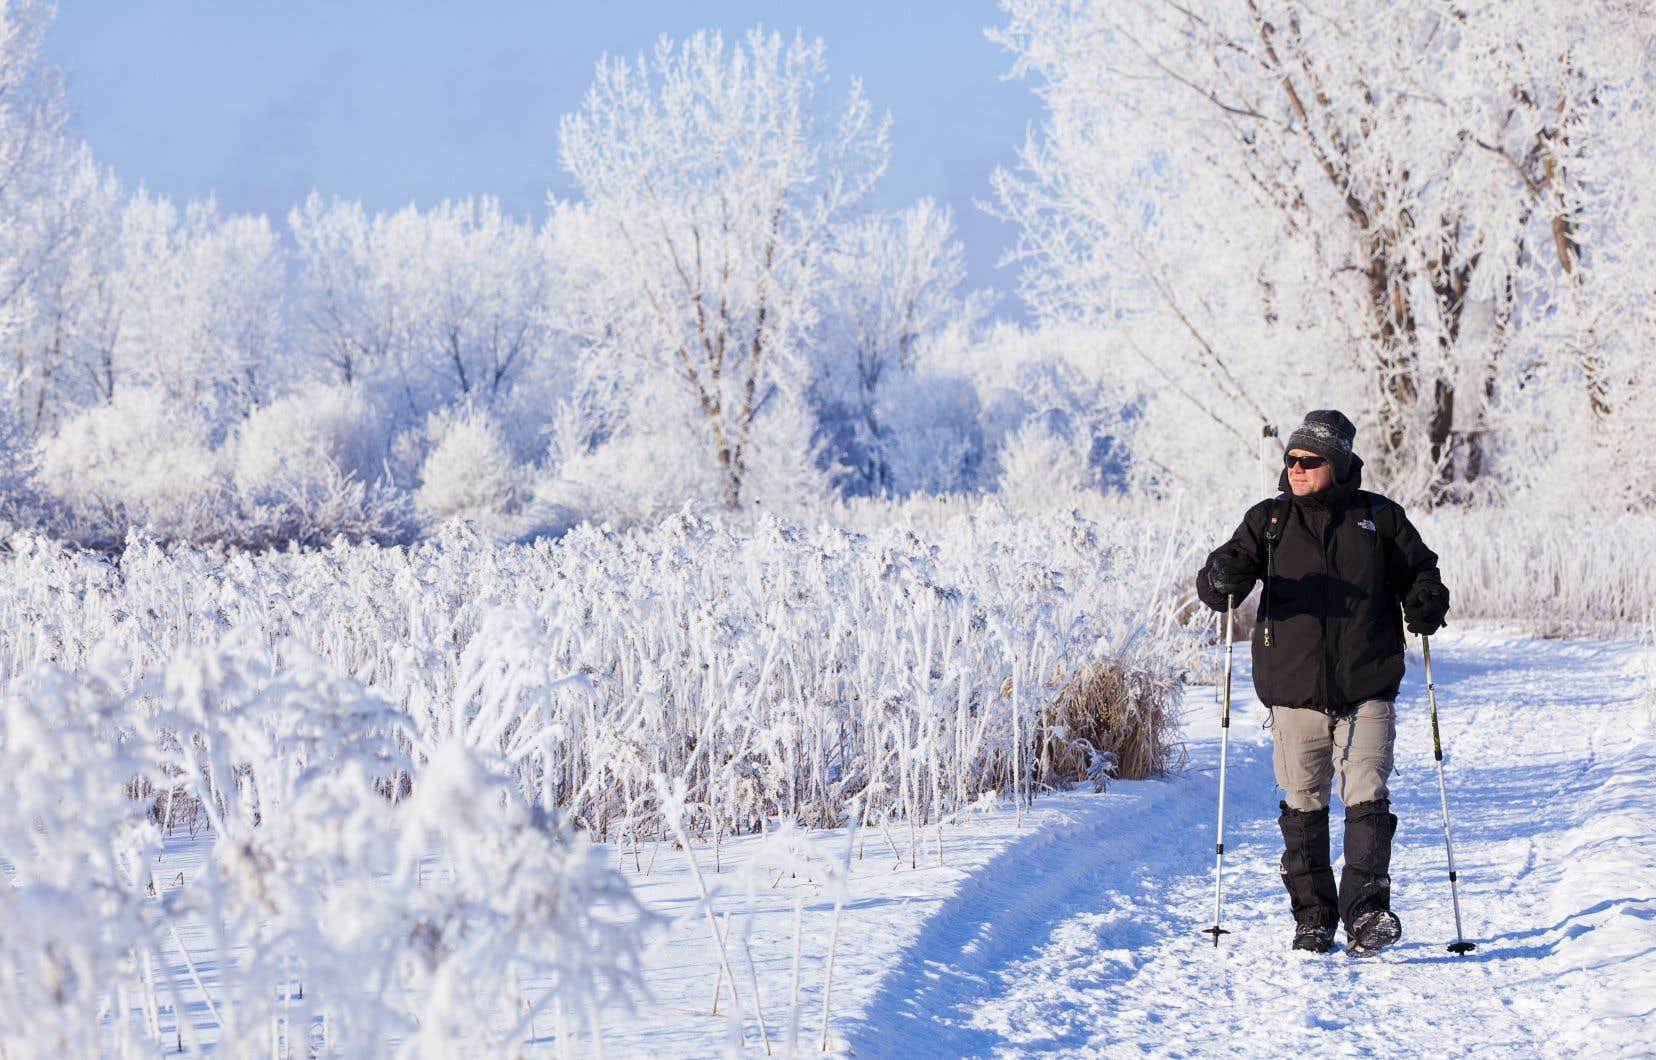 Le parc national des Îles-de-Boucherville, terrain de jeu des Montréalais, très populaire en été, a su attirer les visiteurs avec ses cinq soirées aux flambeaux durant l'hiver.